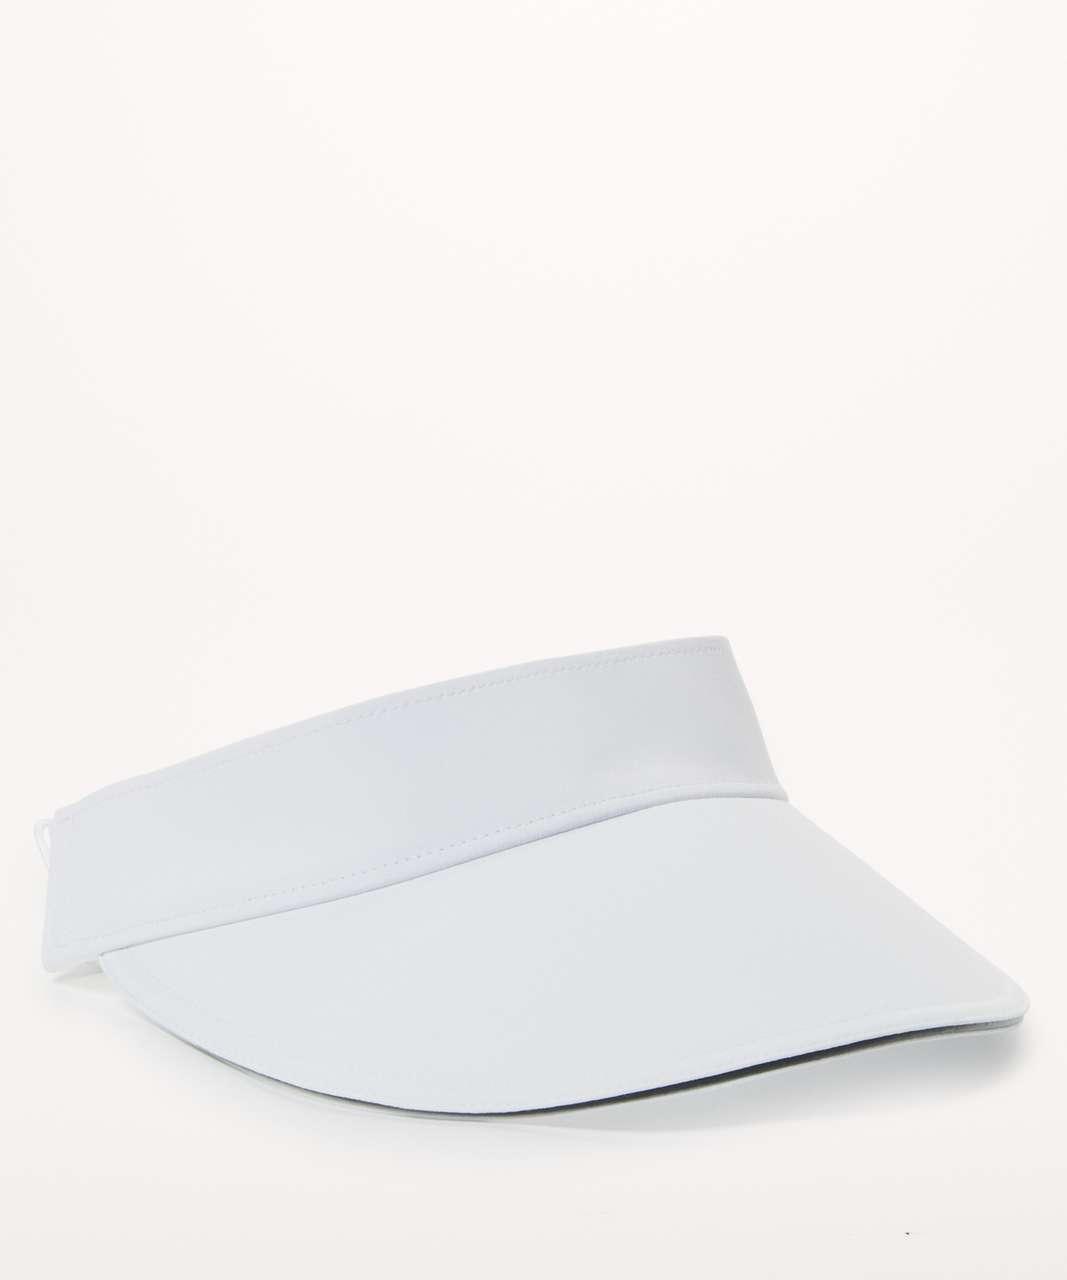 Lululemon Fast Paced Run Visor - White (Fifth Release)